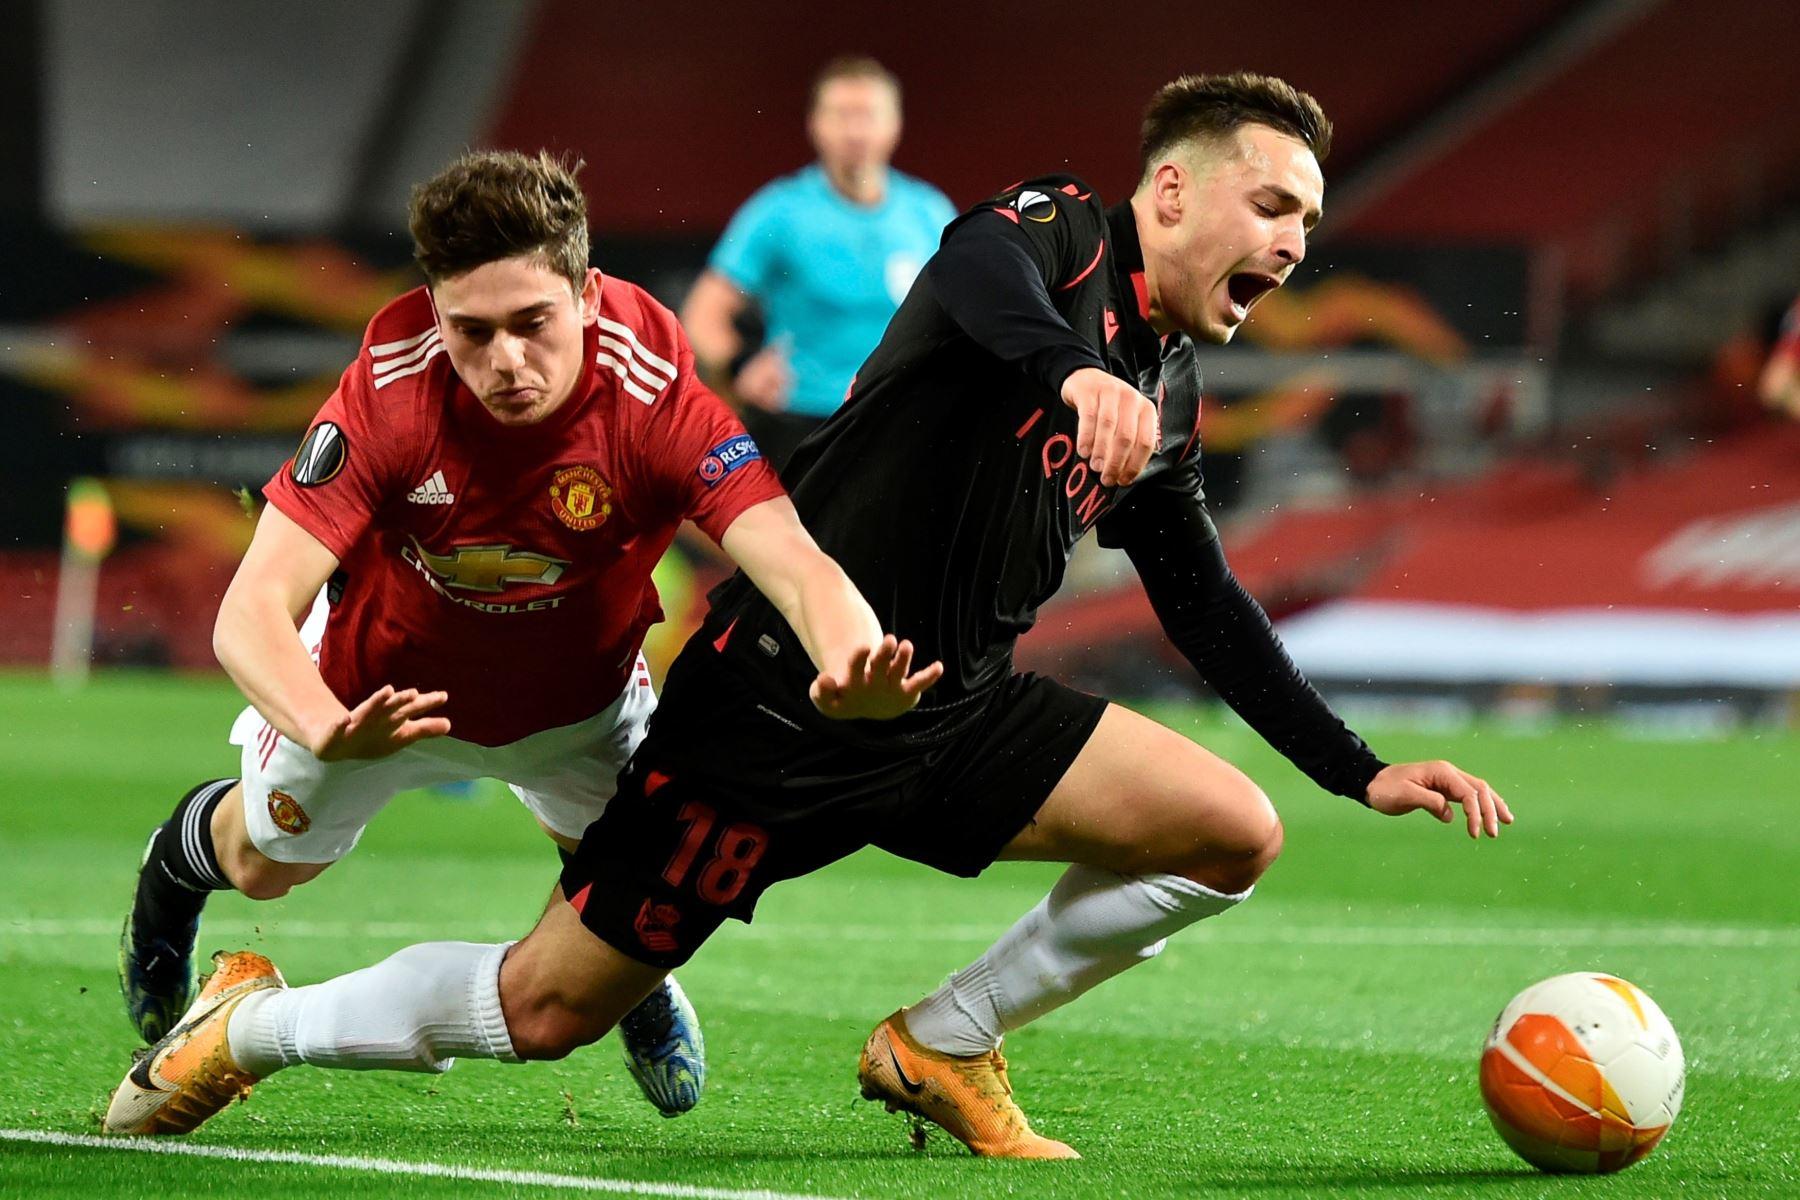 Andoni Gorosabel de la Real Sociedad en acción contra Daniel James del Manchester United durante los dieciseisavos de final de la UEFA Europa League. Foto: EFE